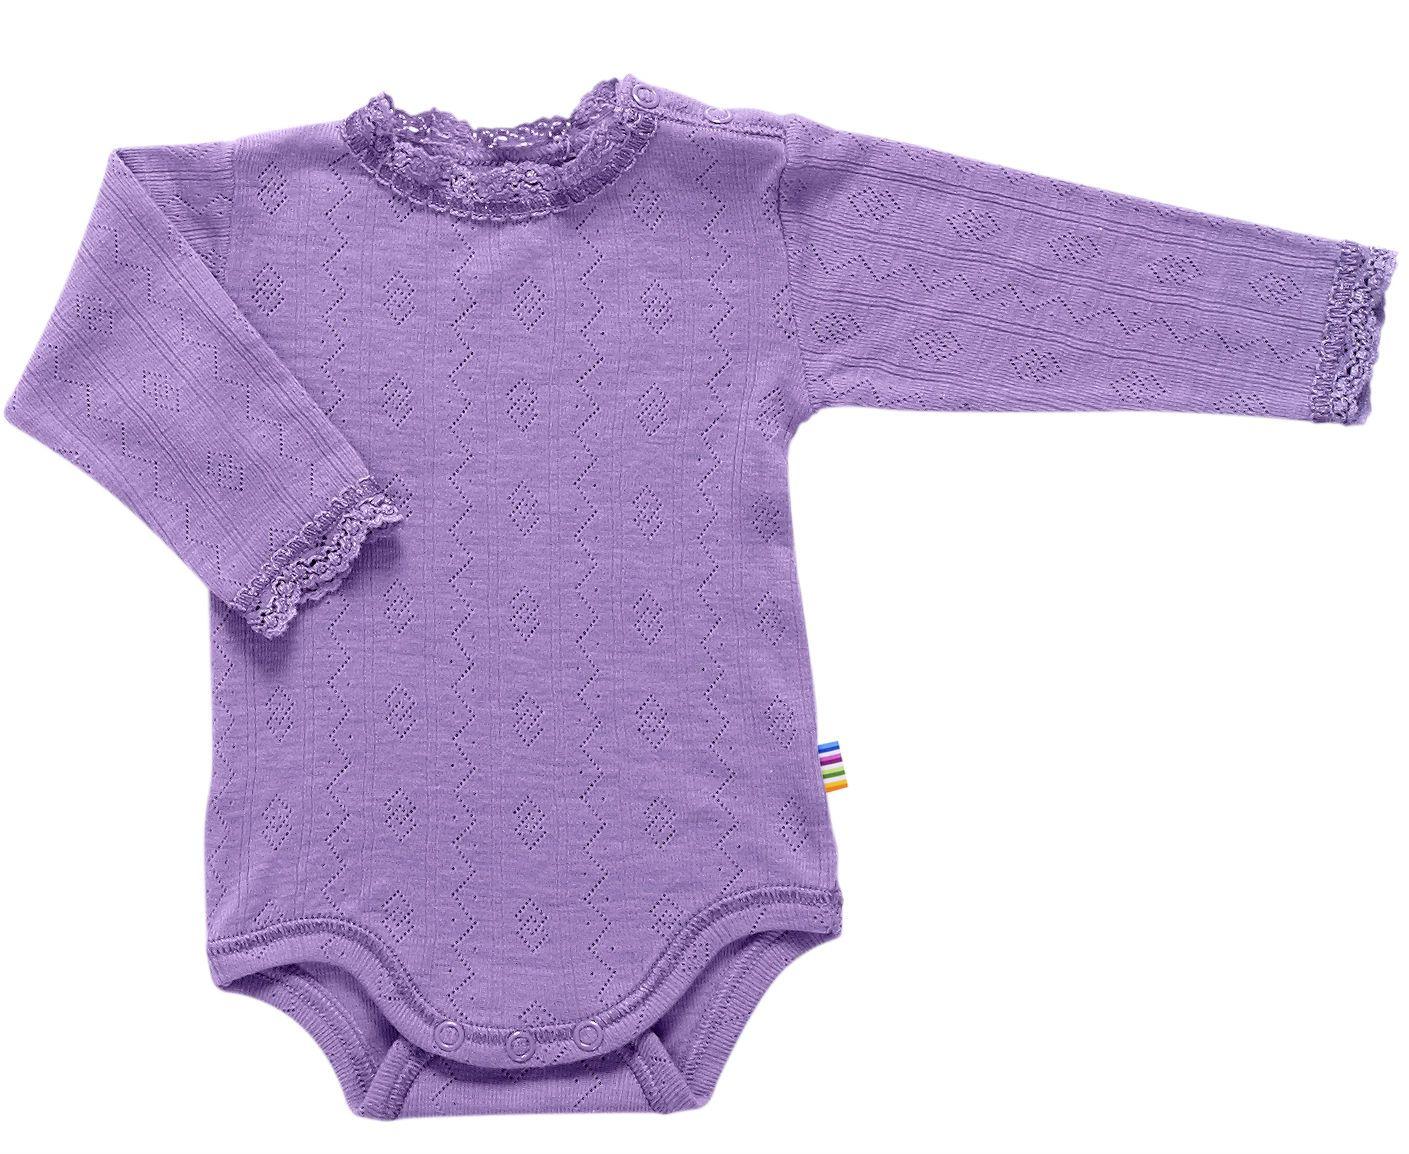 Body fra Joha - Uld/silke - Blondekant og hulmønster - Lavendel